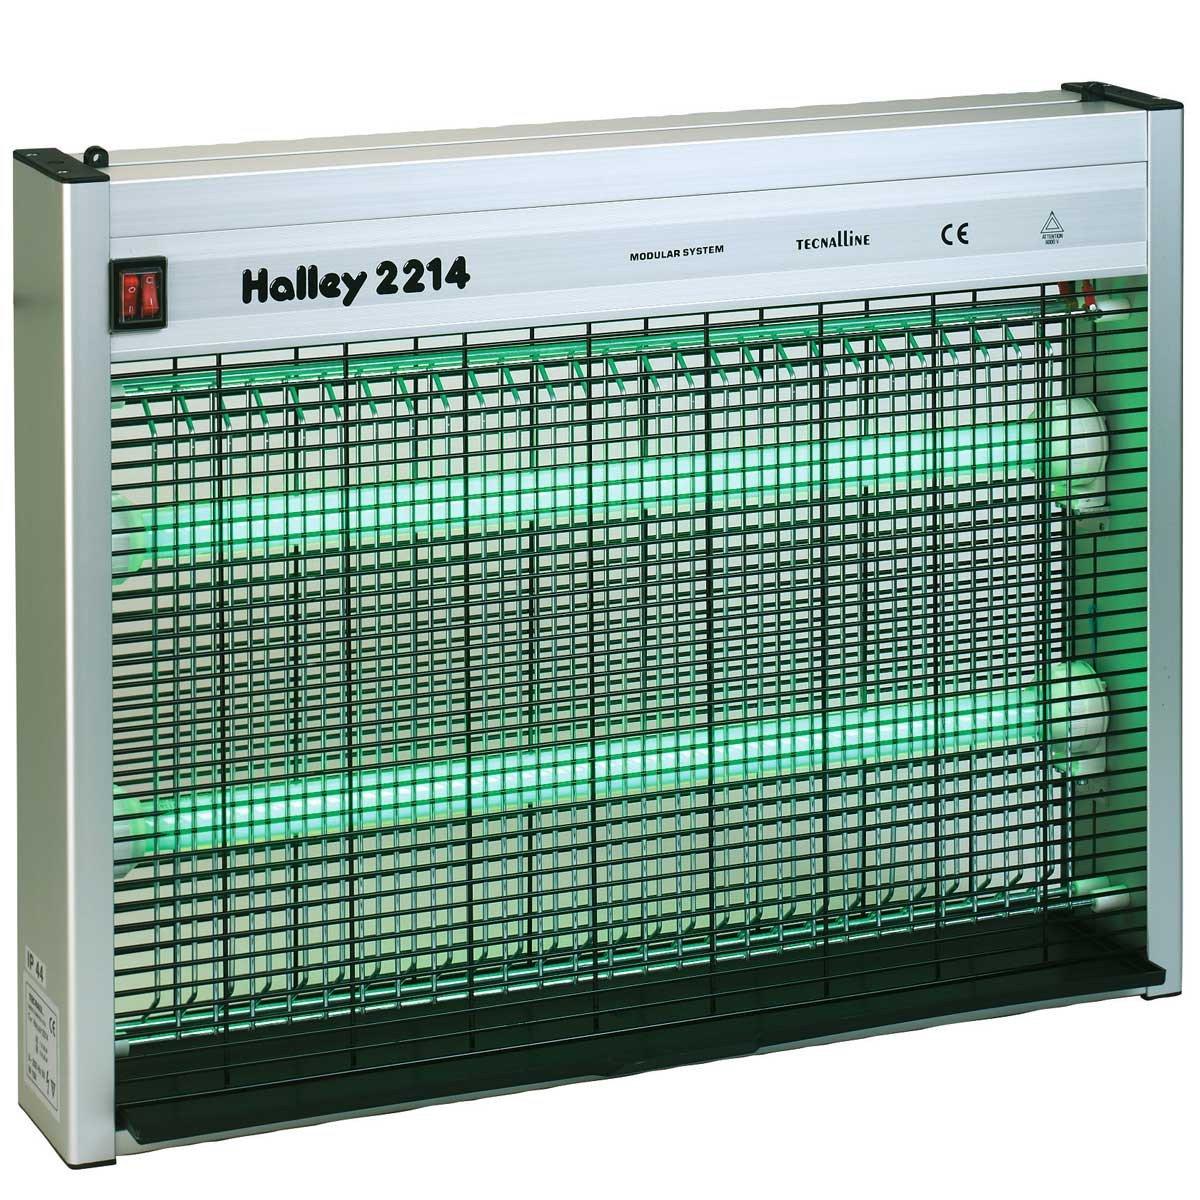 Halley 299807-LO Elektrischer Fliegenvernichter 2214, CE IP44, grün mit Lockstoff 100 g